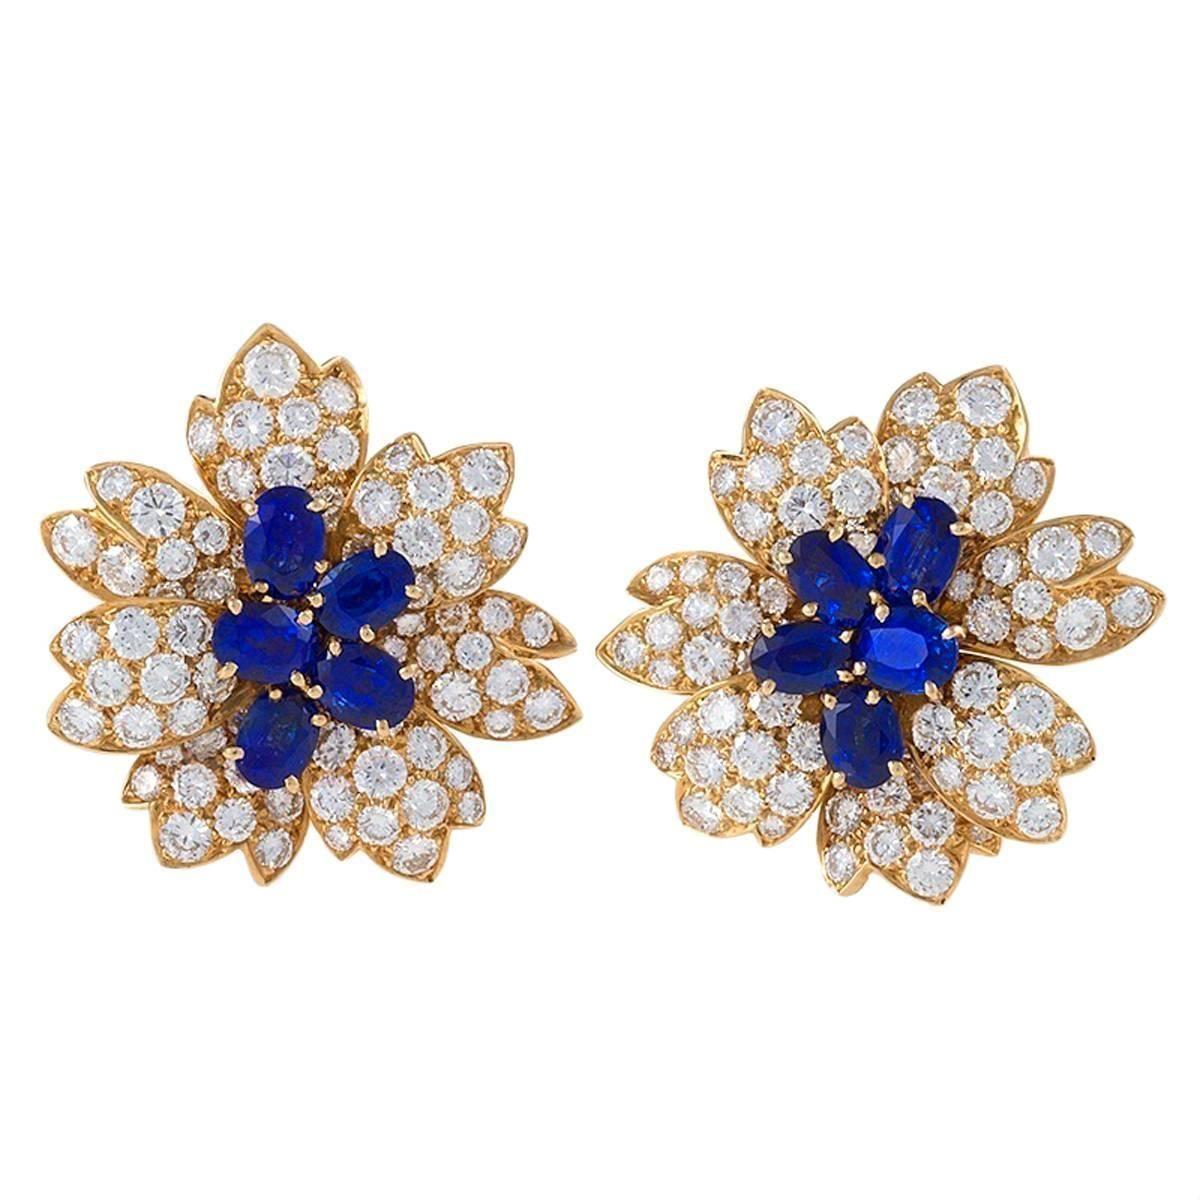 33++ Van cleef and arpels estate jewelry viral